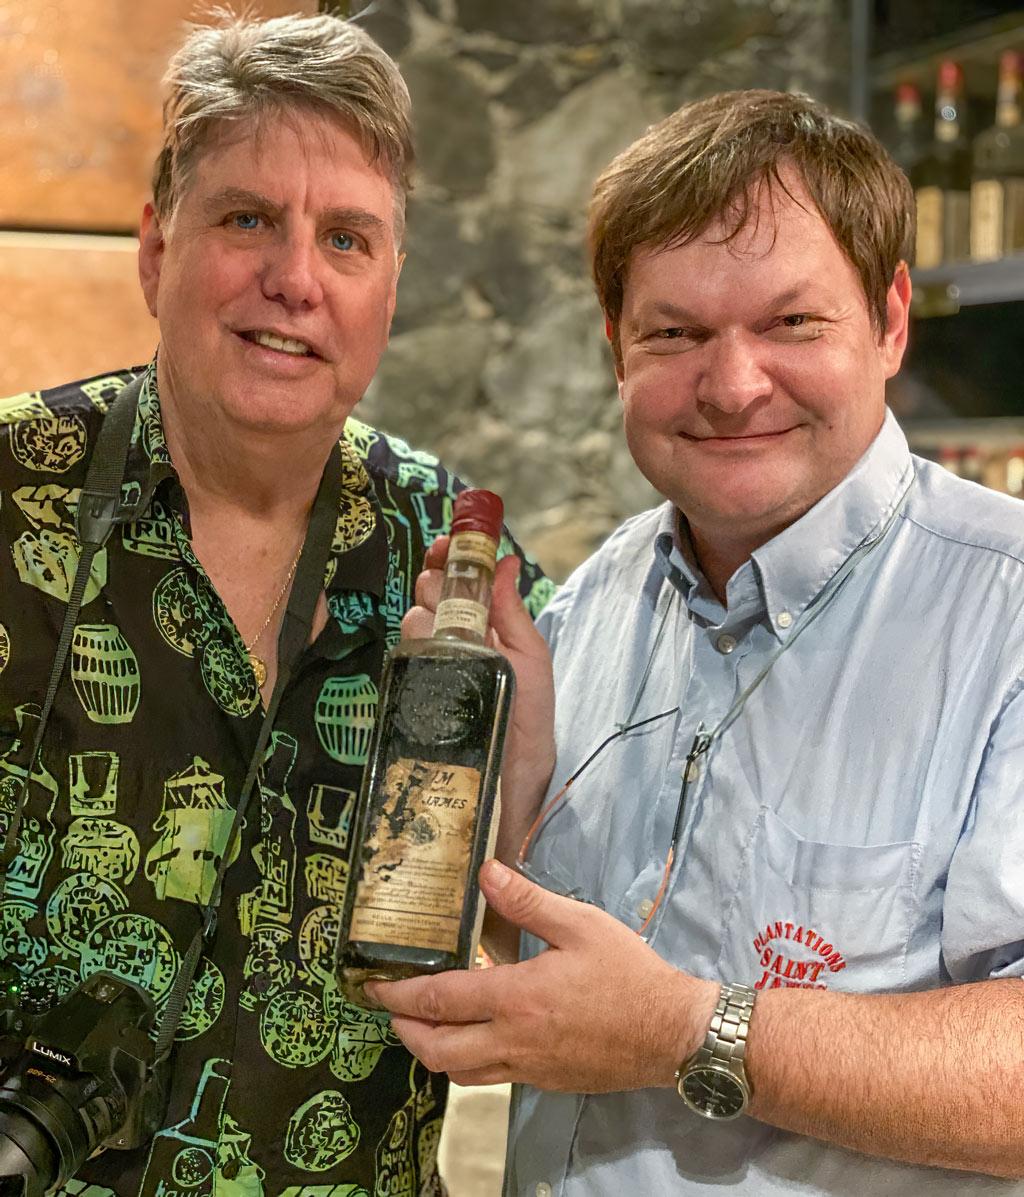 Master Distiller Marc Sassier shares a bottle of Rhum Saint James vintage 1885